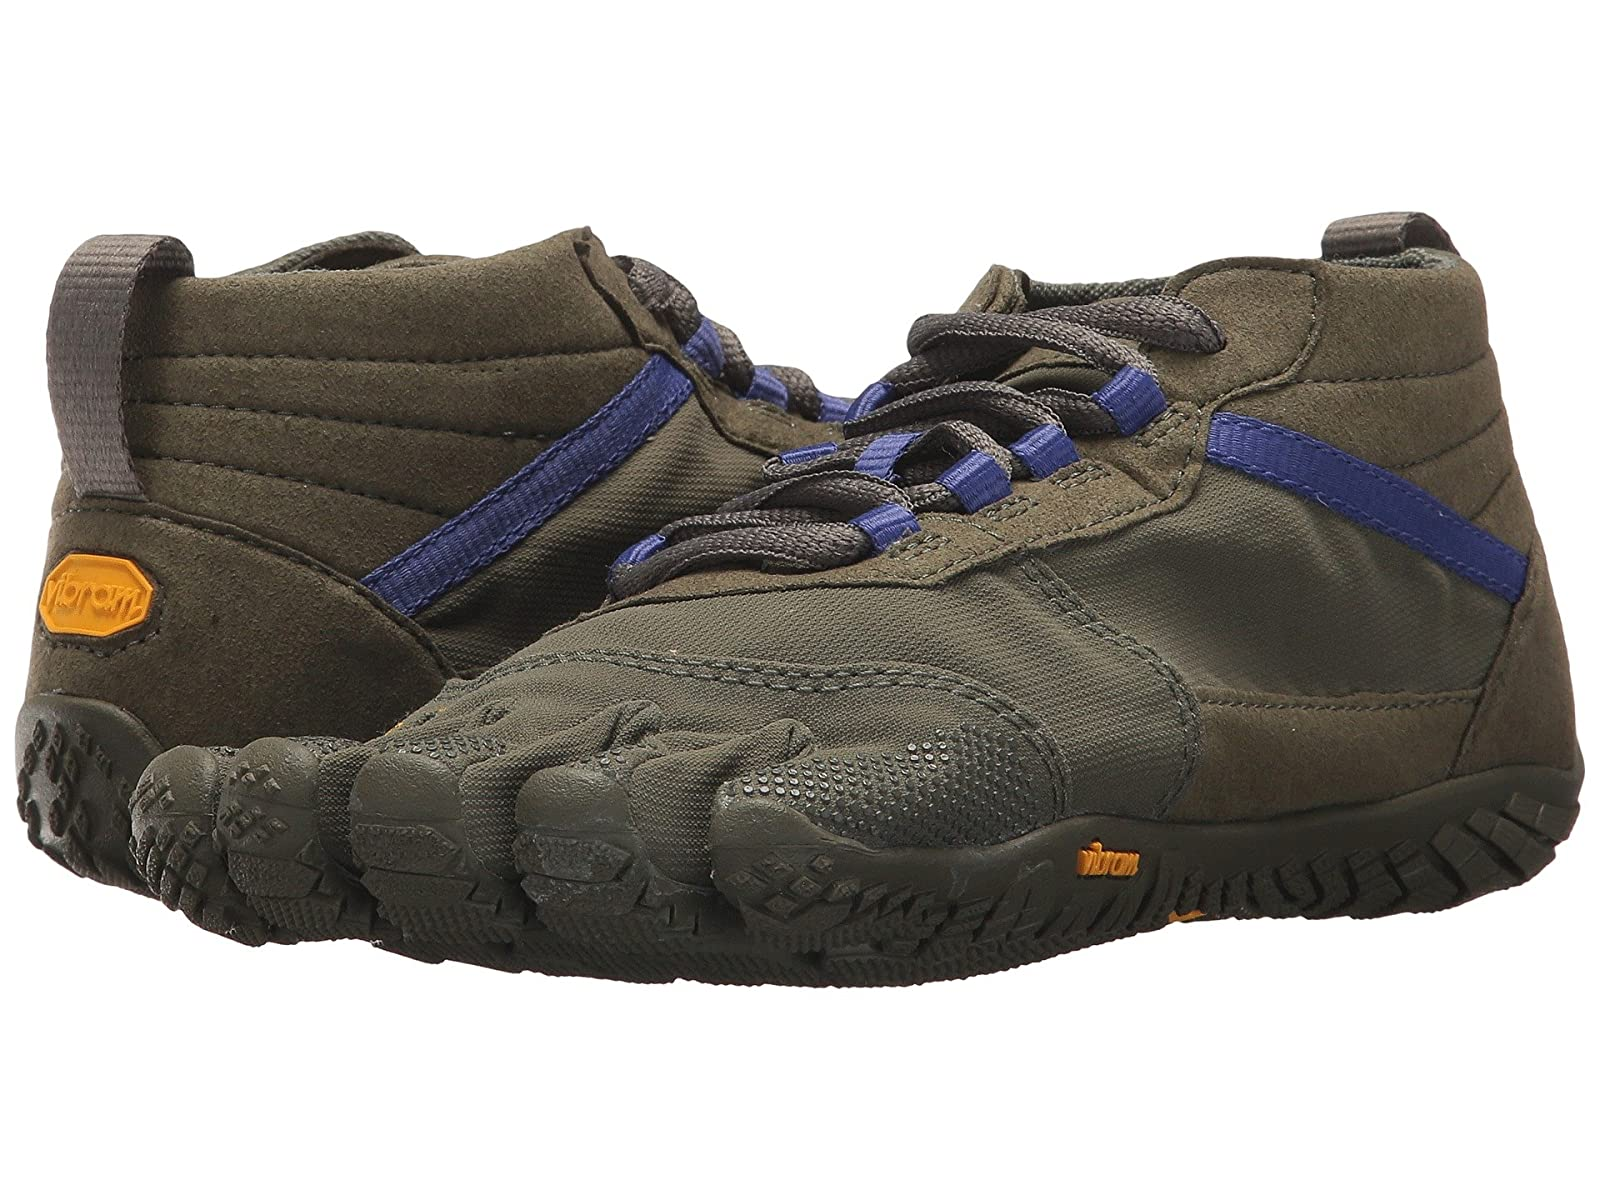 Vibram FiveFingers V-TrekAtmospheric grades have affordable shoes